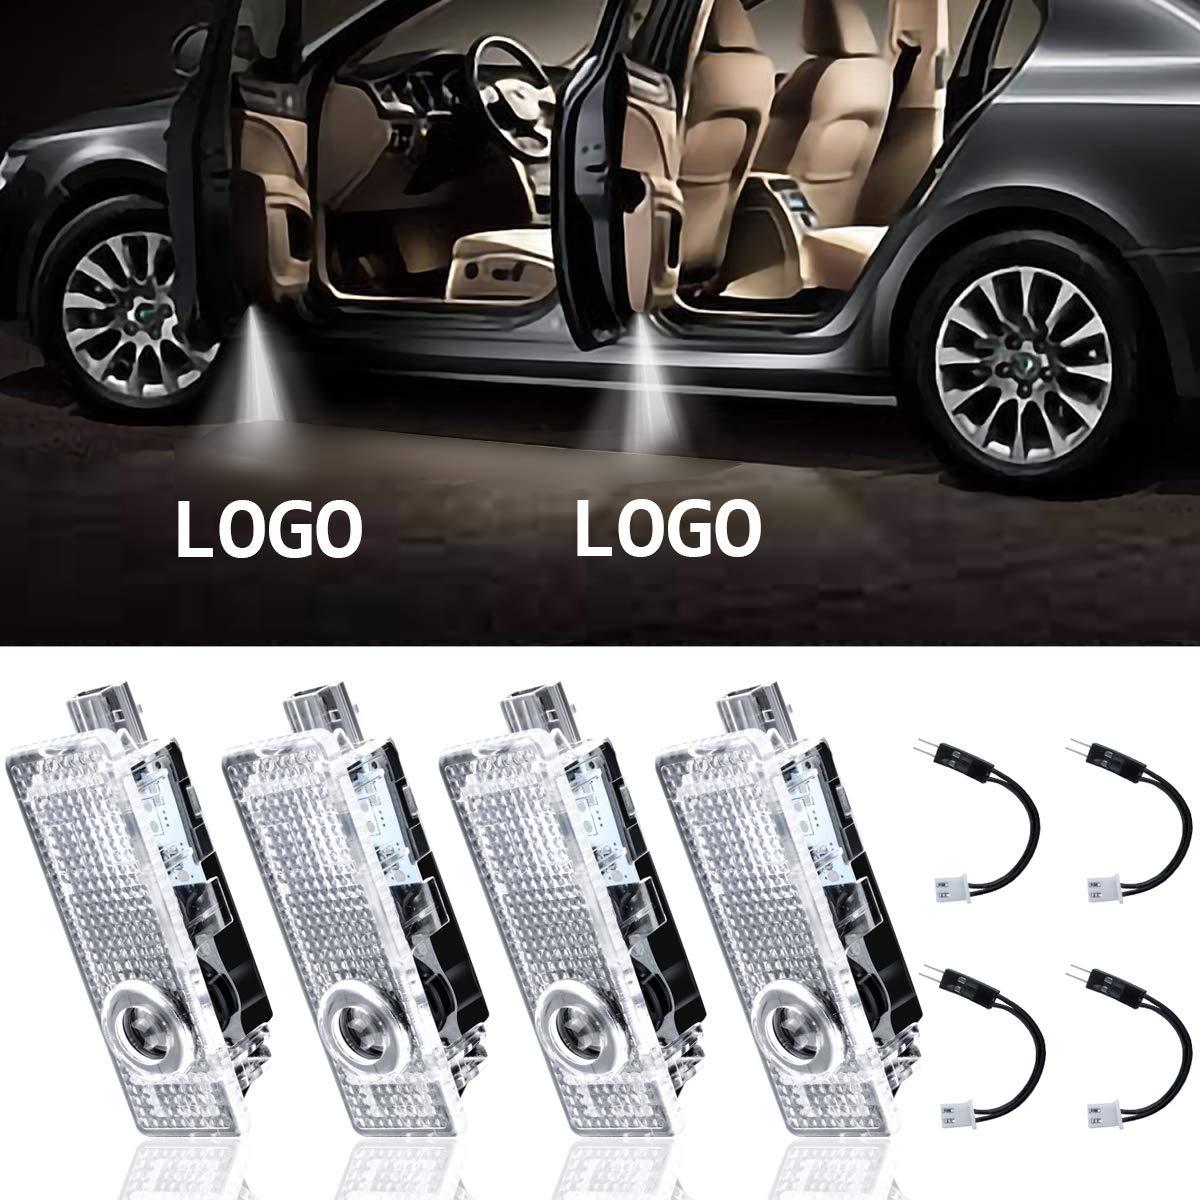 Lunex H7 Genuine SUPREME VISION 55W 12V Halogen Car Headlamps PX26d 3700K Twin